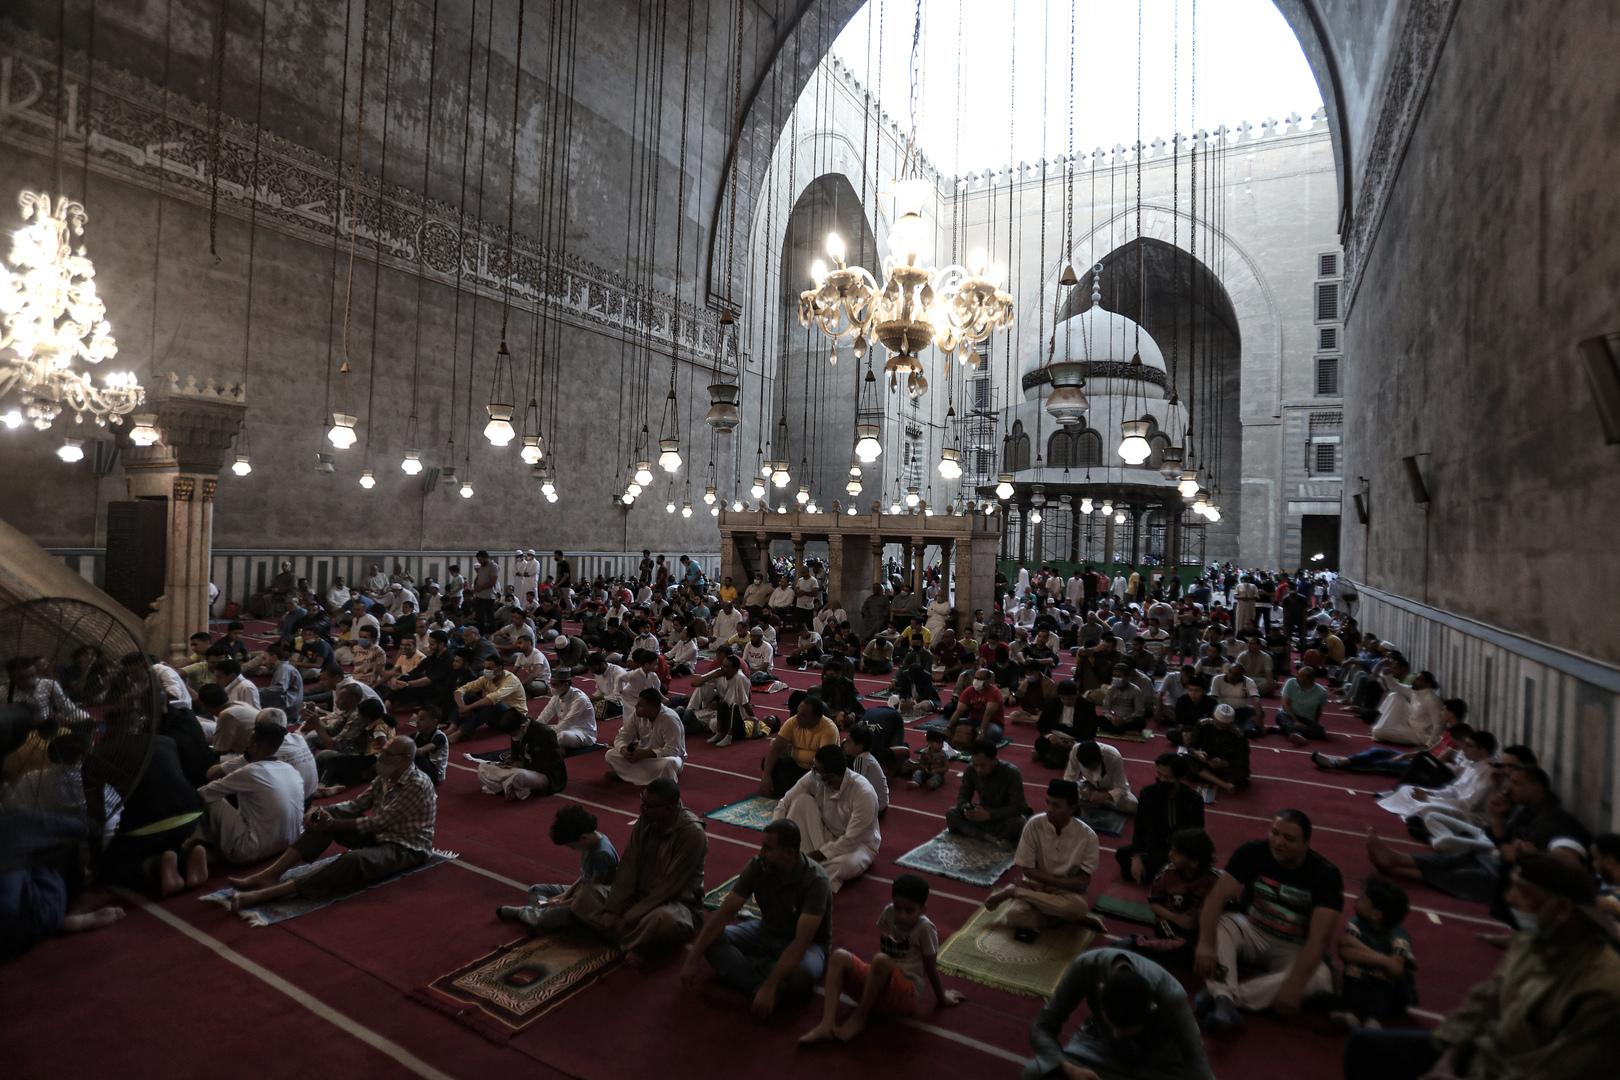 الإعلام المصري: محكمة مصرية تصدر حكما تاريخيا بشأن 42 مسجدا